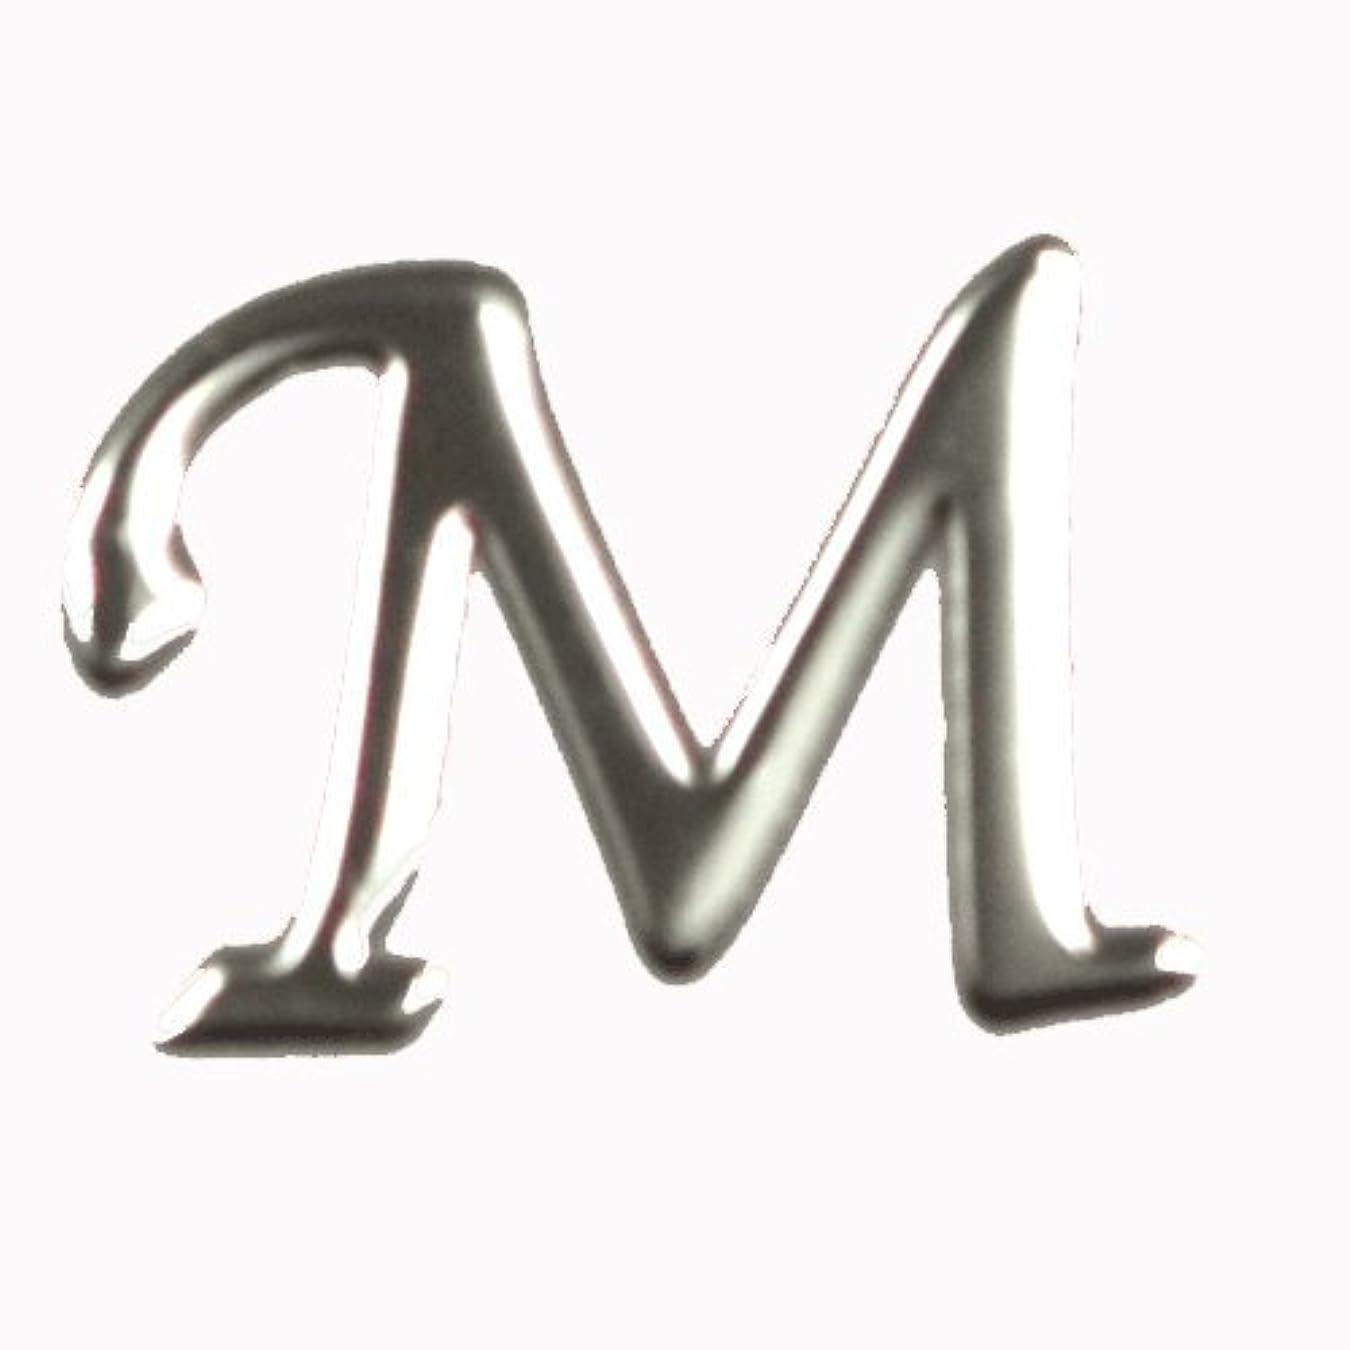 プロットパイント判読できないアルファベット 薄型メタルパーツ 20枚 /片面仕上げ イニシャルパーツ SILVER (M / 5x7mm)